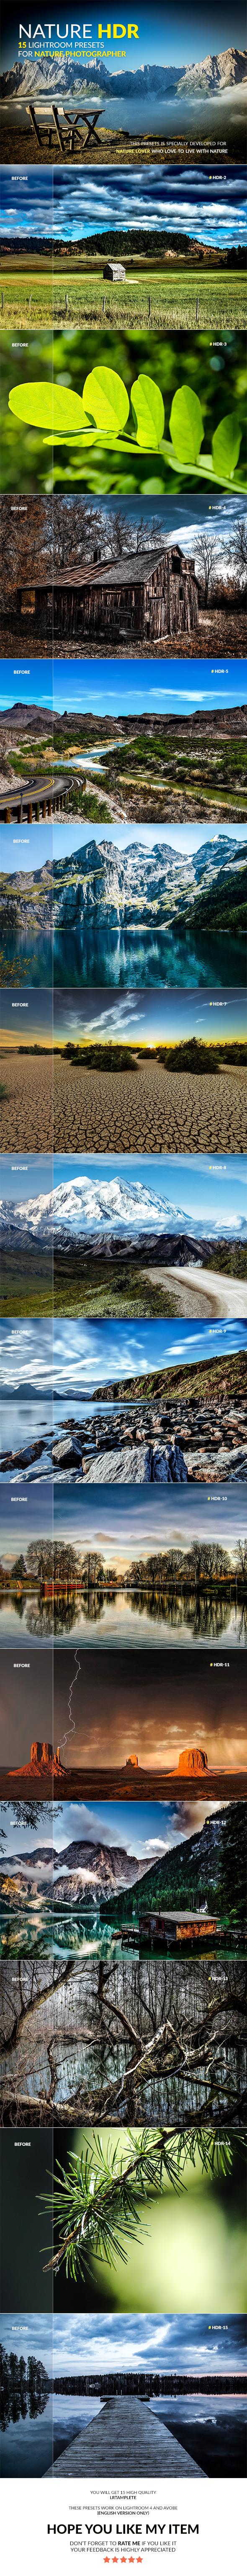 Nature HDR Lightroom Presets - HDR Lightroom Presets